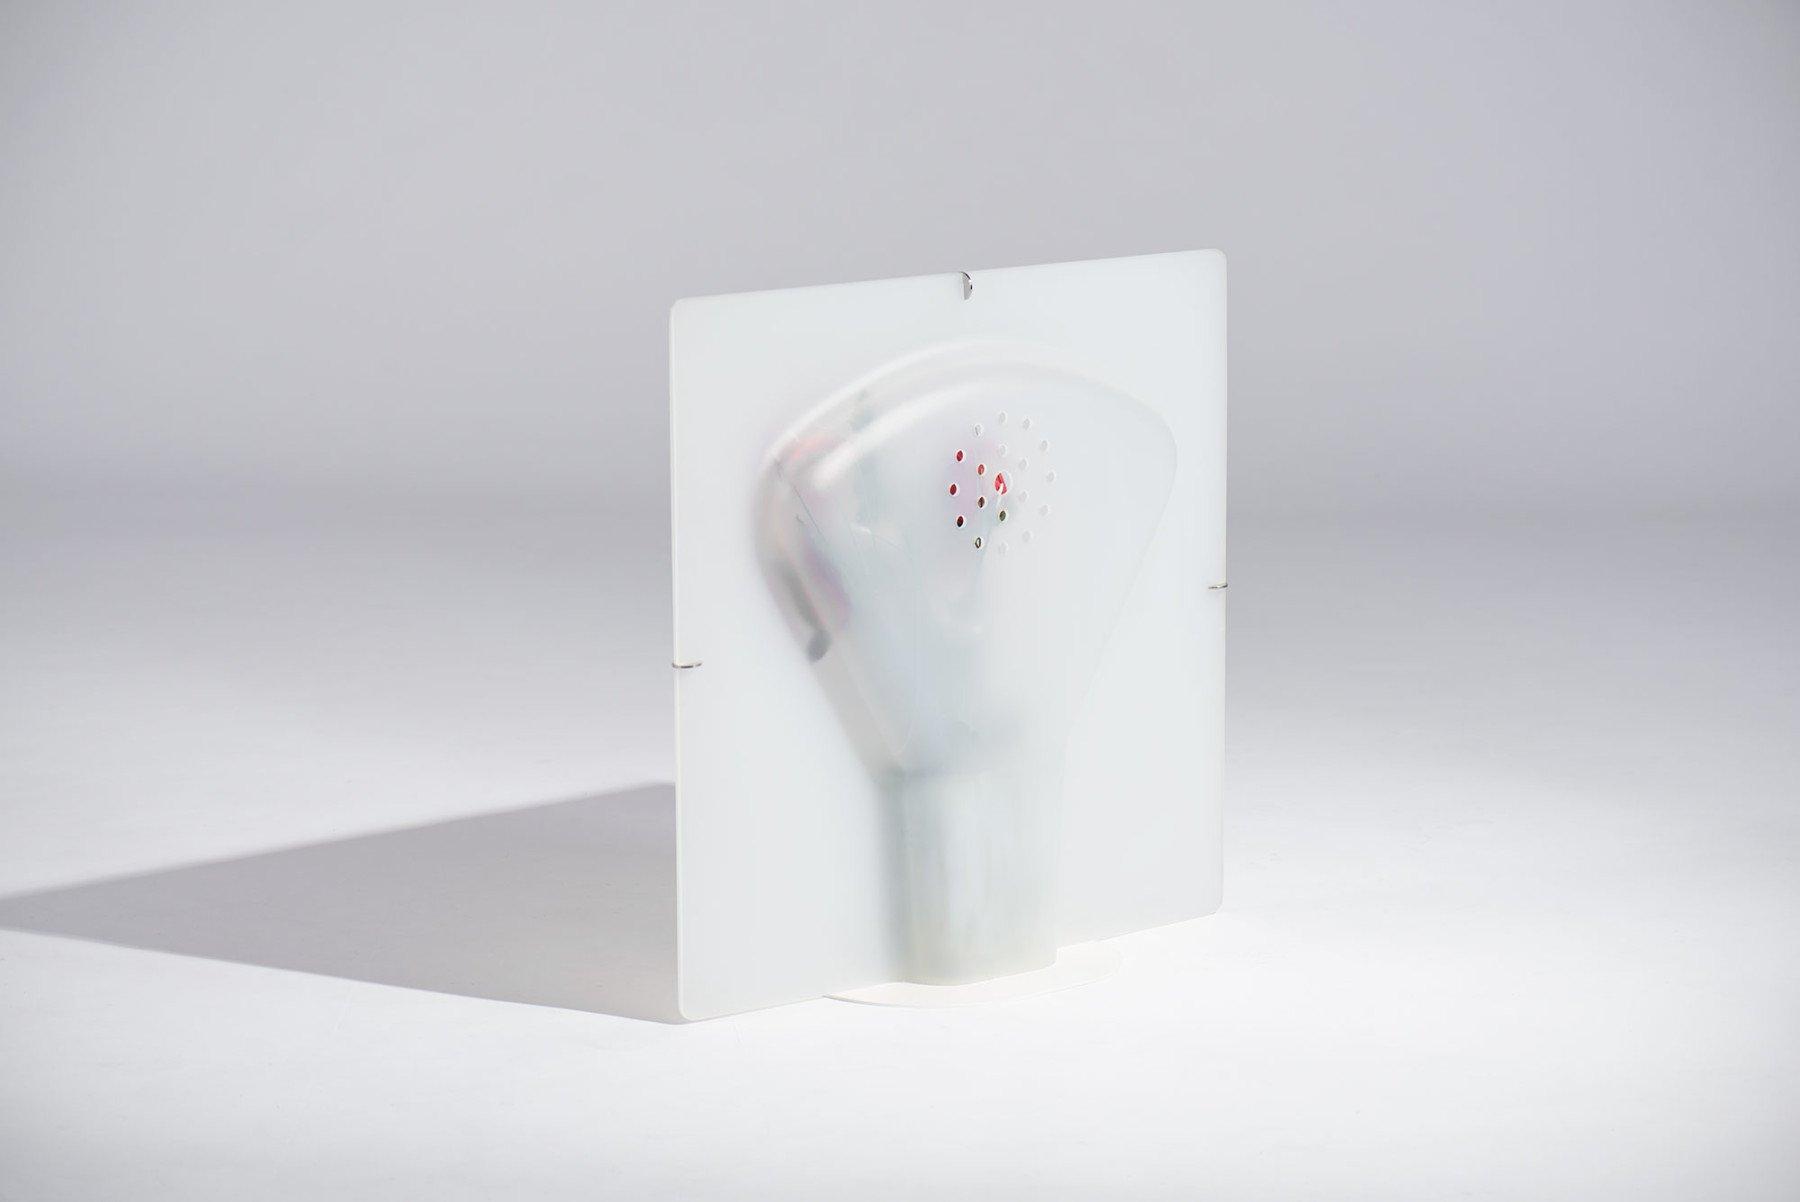 Andrea Branzi |   Flower vase, YG 1203